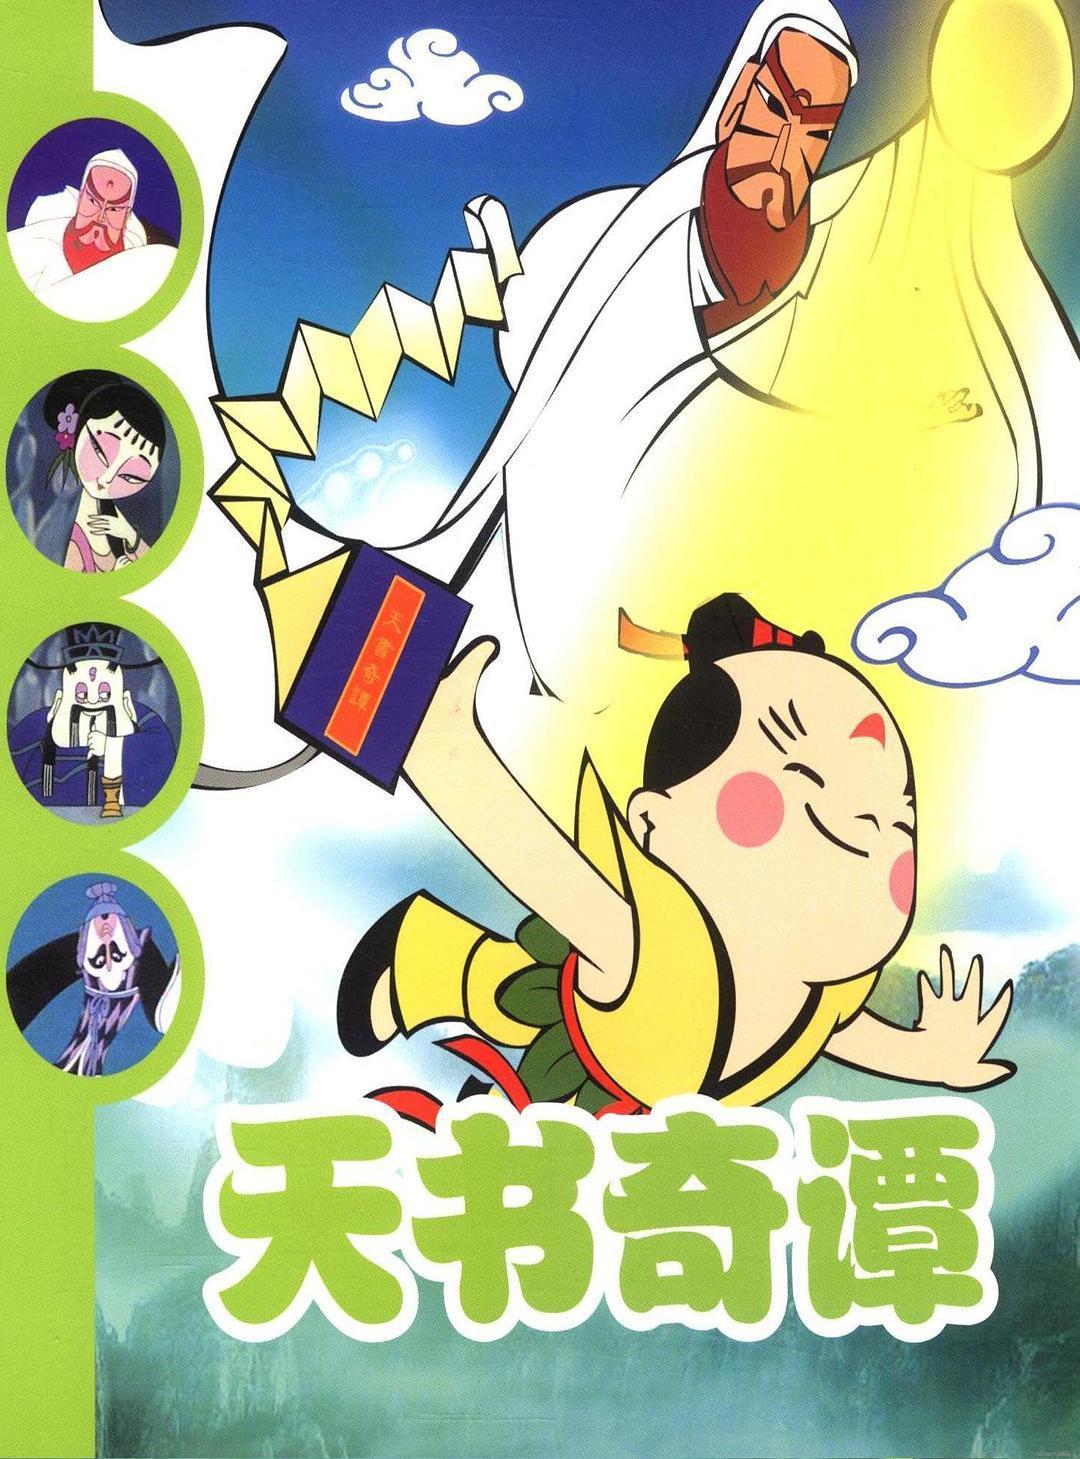 1983高分奇幻动画《天书奇谭》高清修复.HD1080P.国语中字